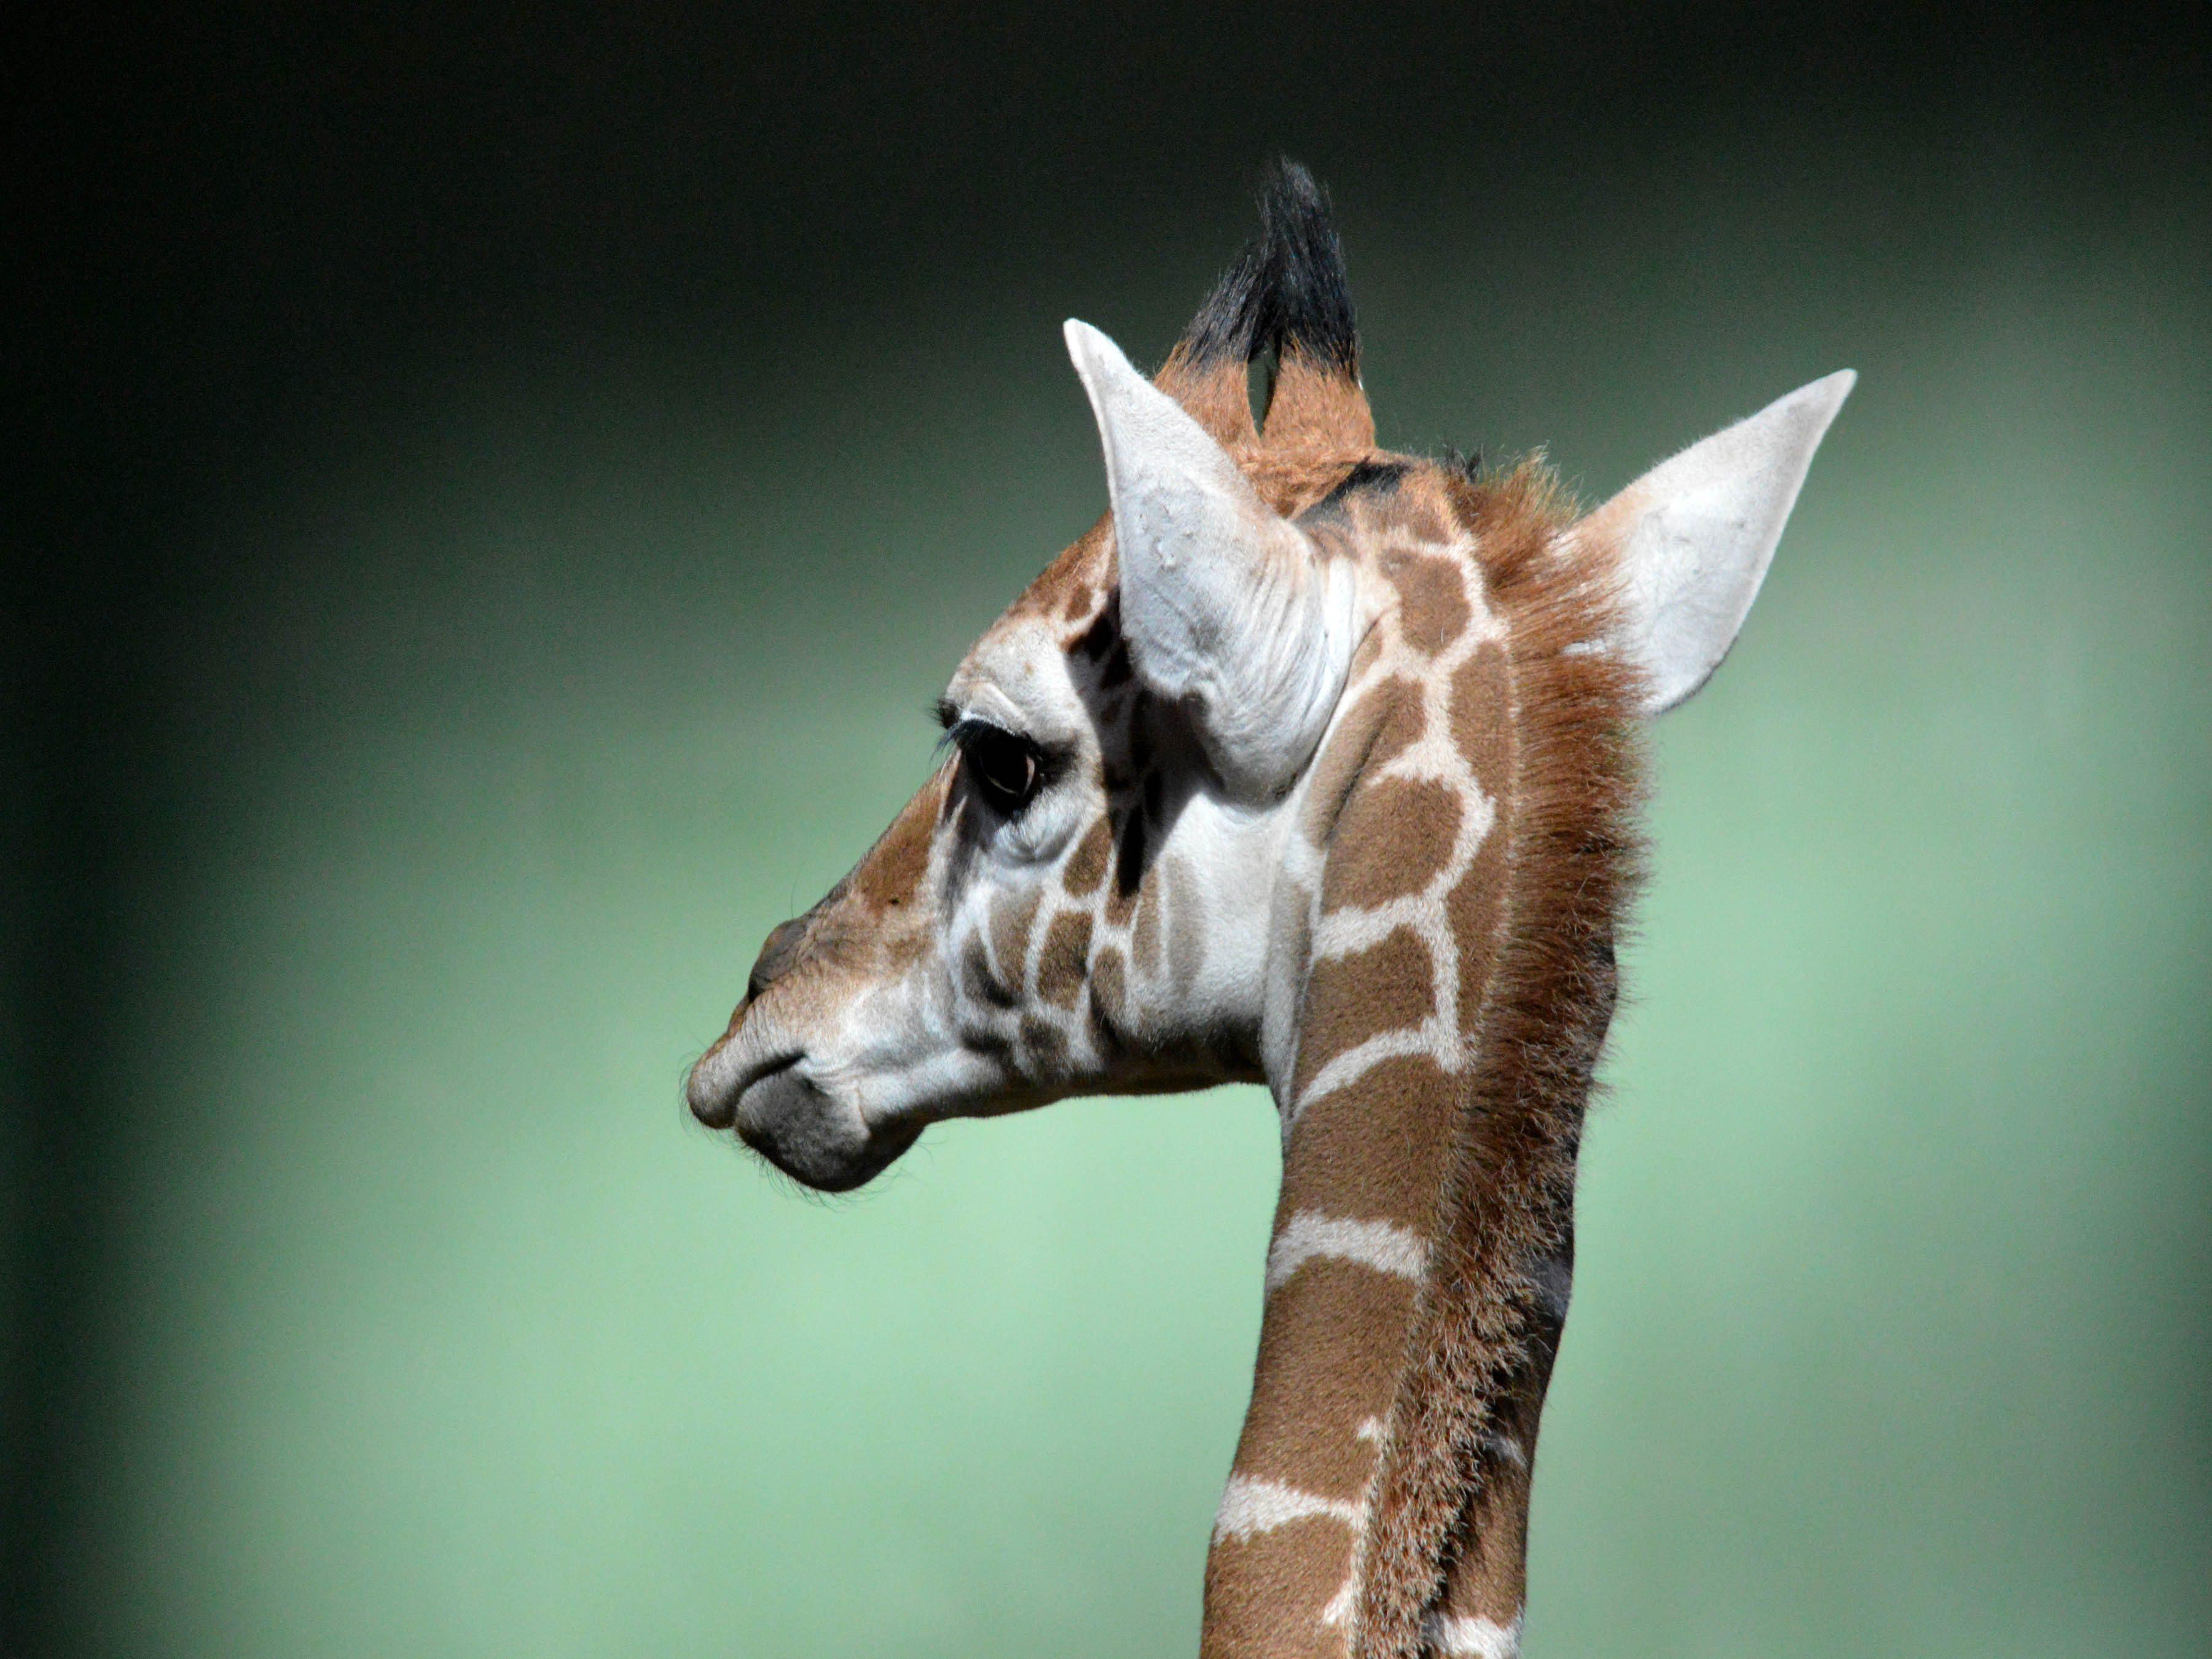 Baby giraffe at Calgary Zoo